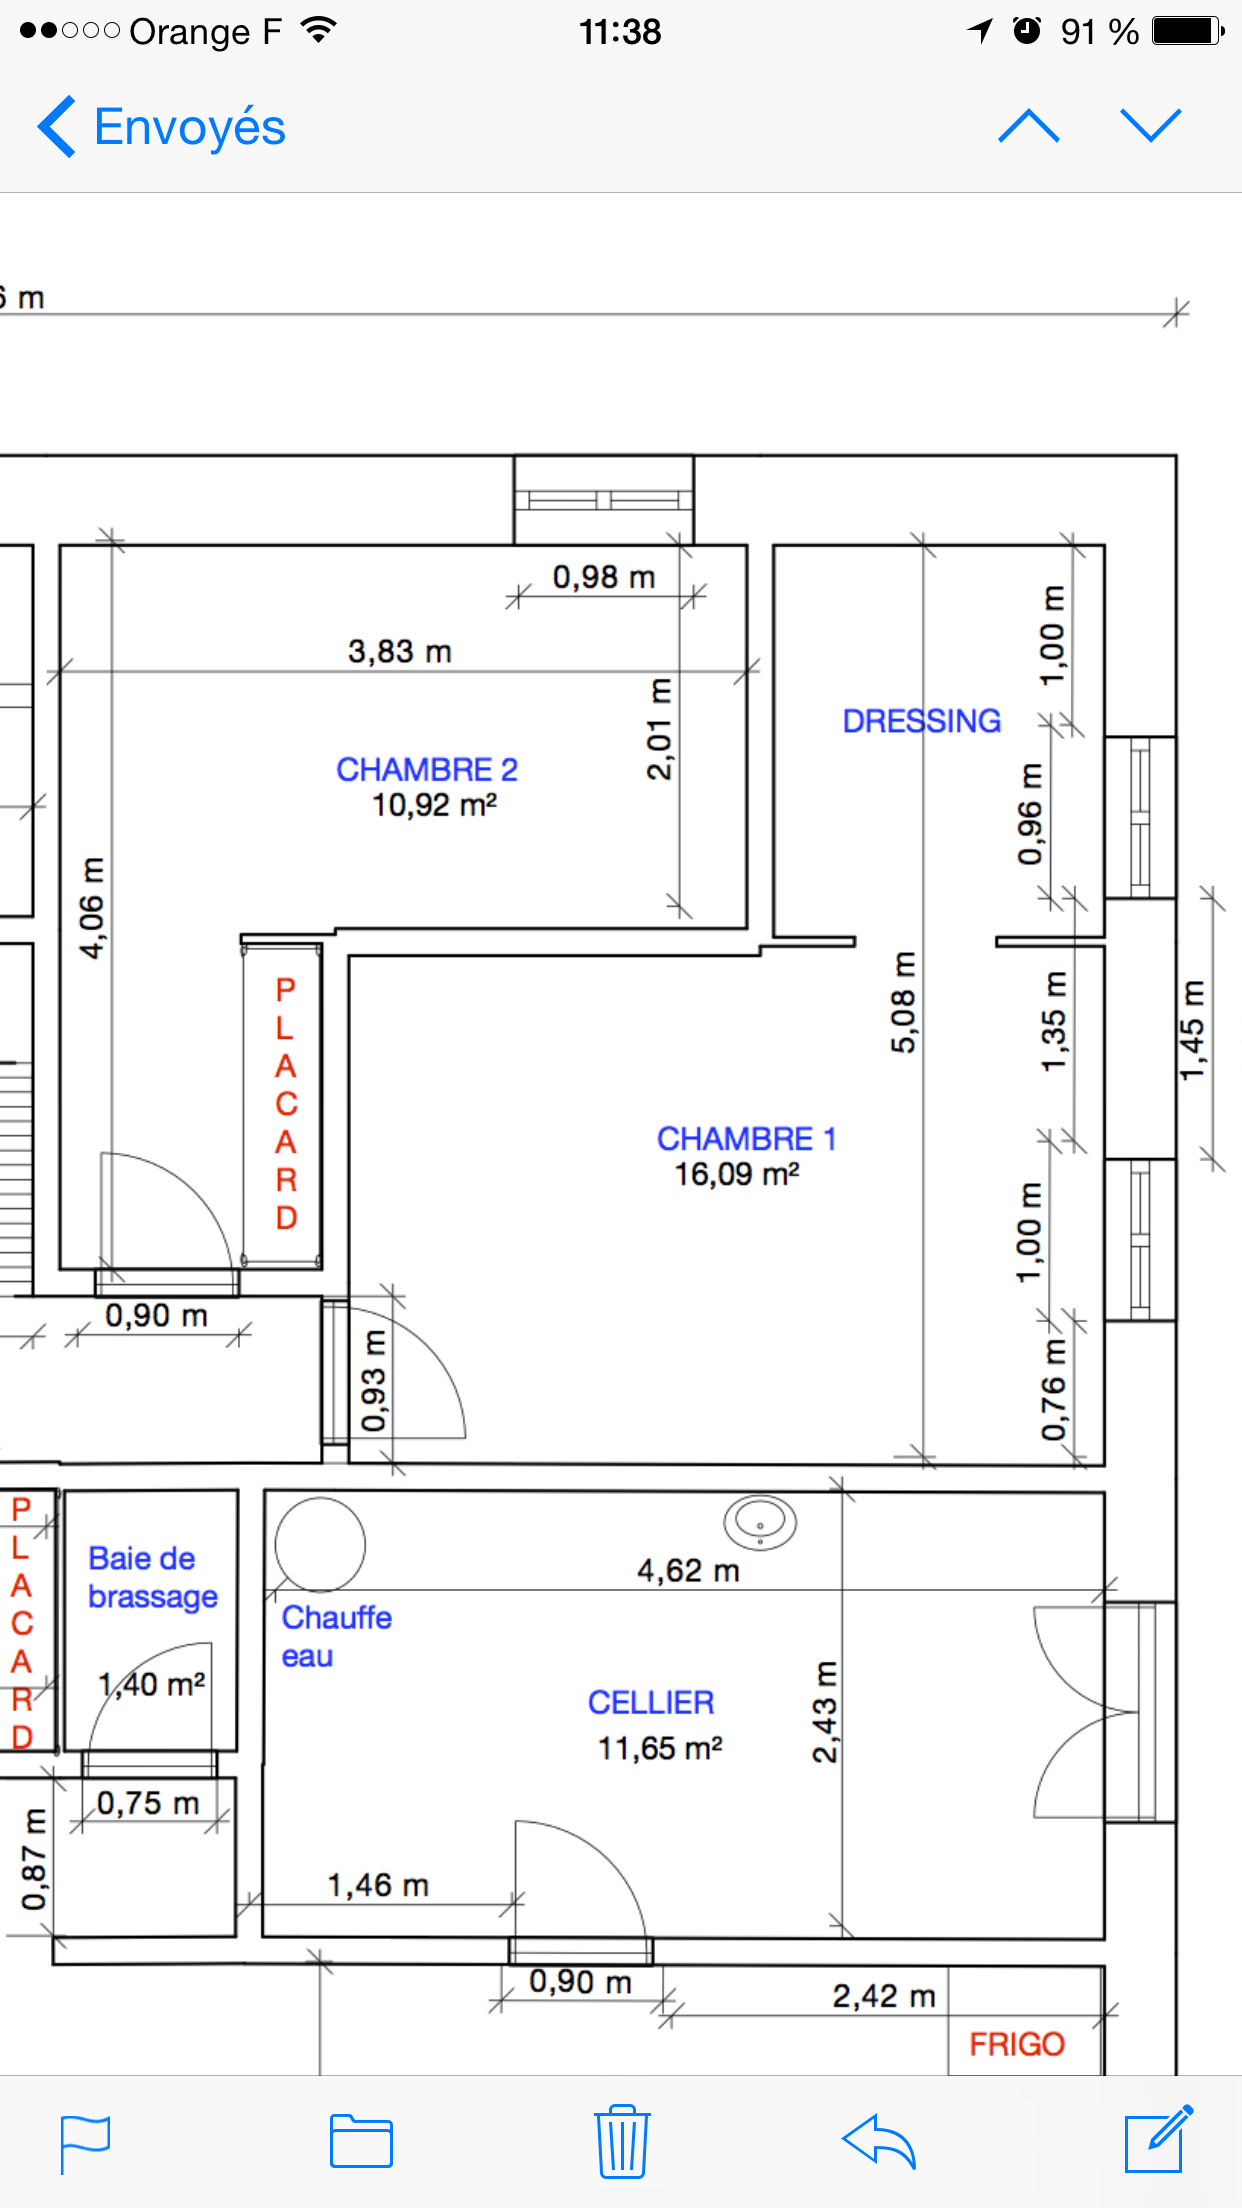 plan chambre dressing elegant esquisse d plan de maison avec chambres et dressing with plan. Black Bedroom Furniture Sets. Home Design Ideas